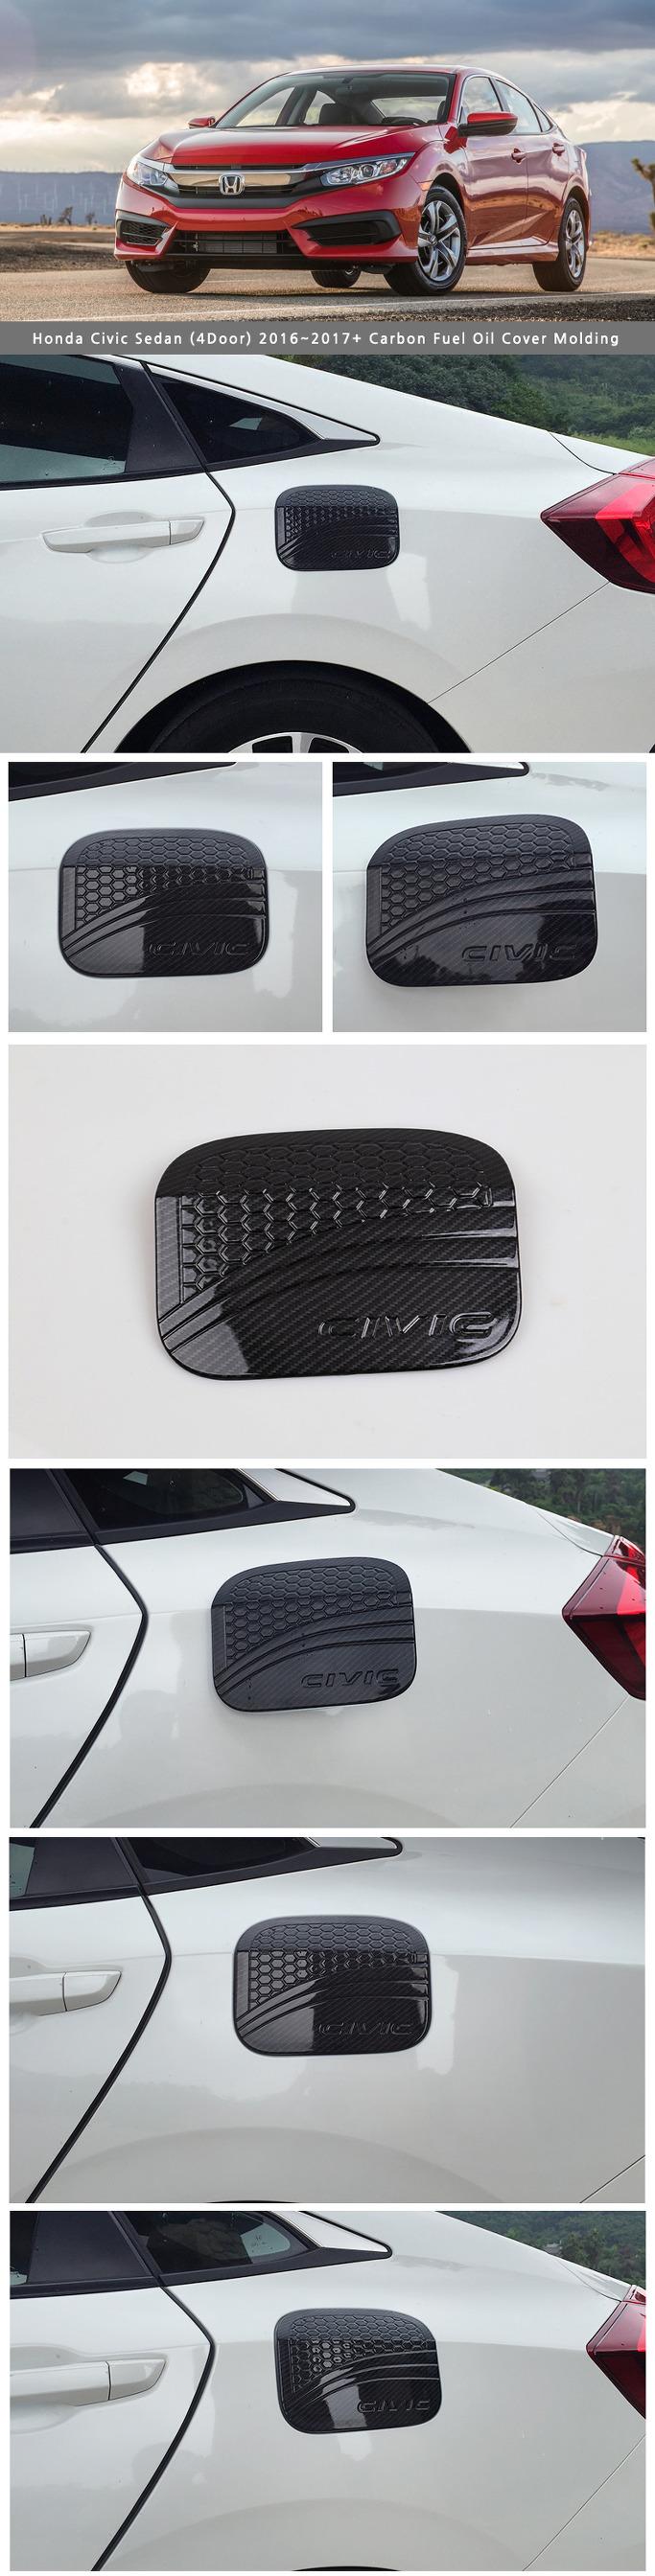 Carbon fuel tank cap oil cap cover for honda civic sedan for 2016 honda civic oil